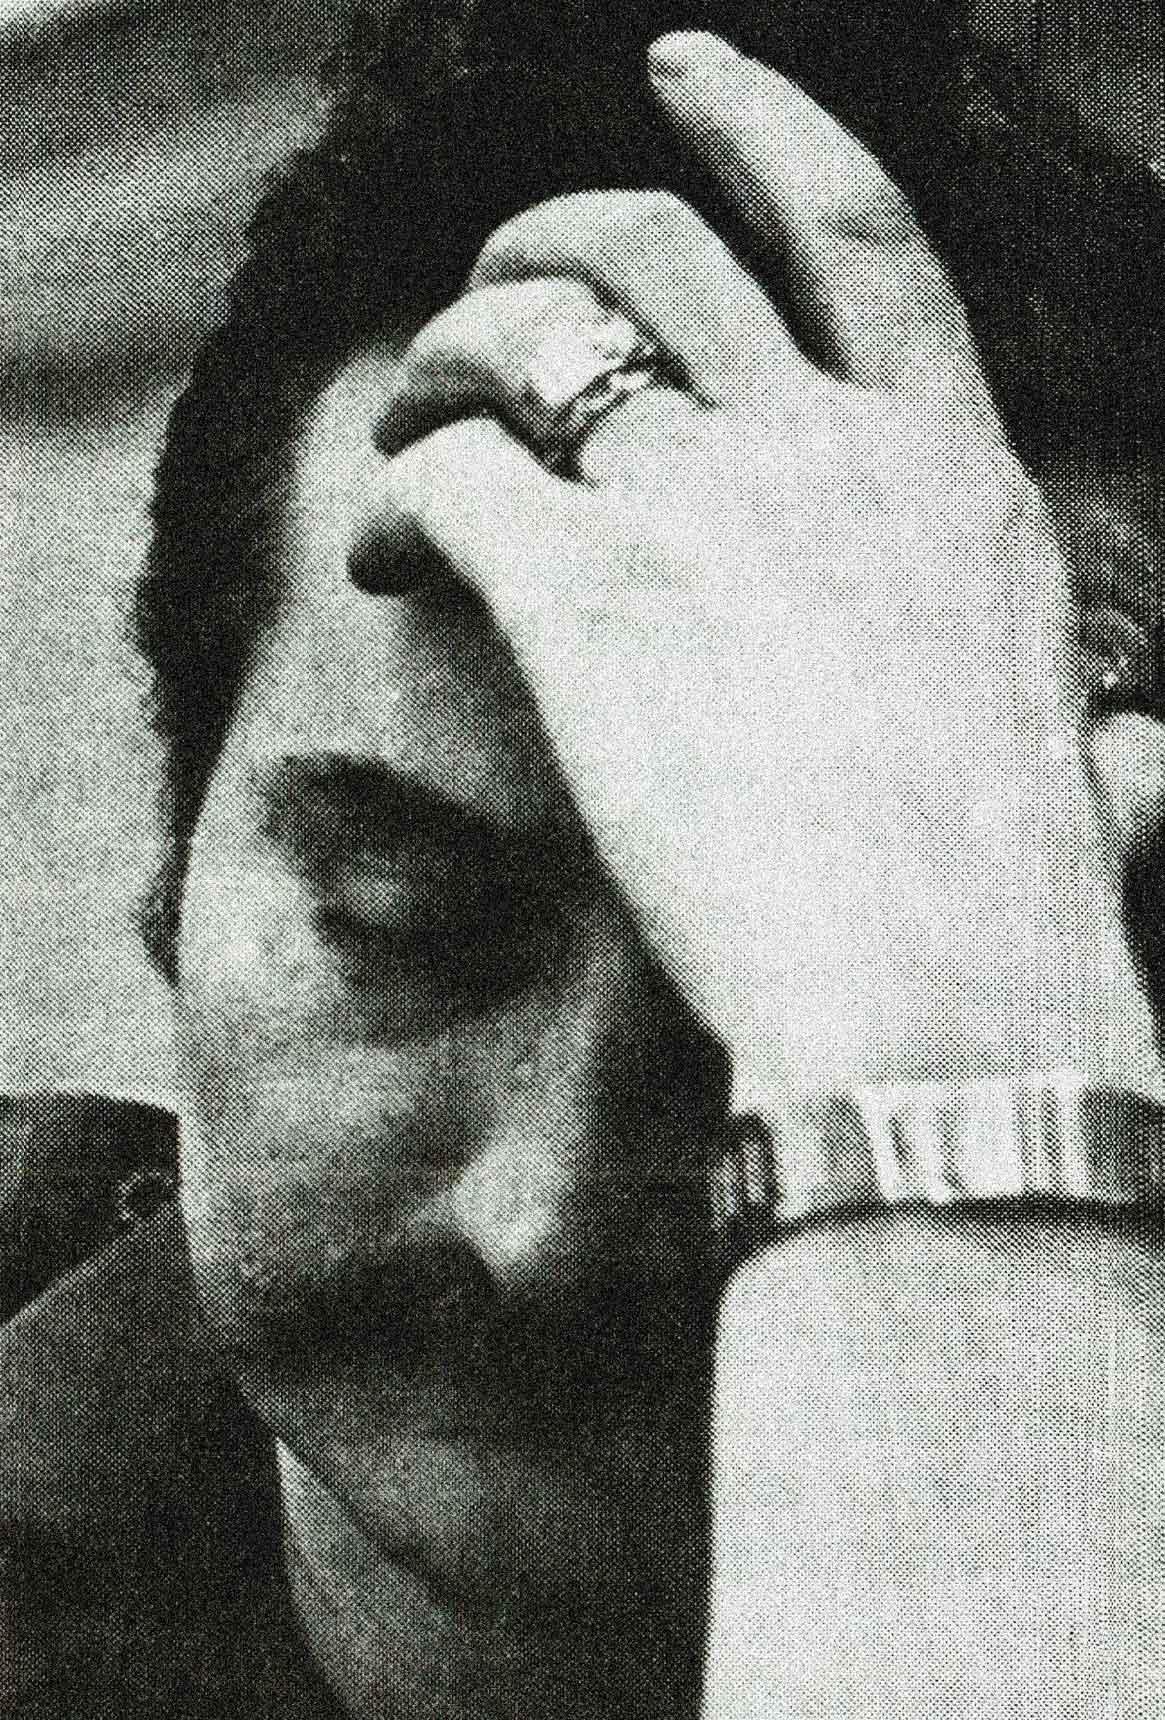 March 24, 1981 - Lech Walesa